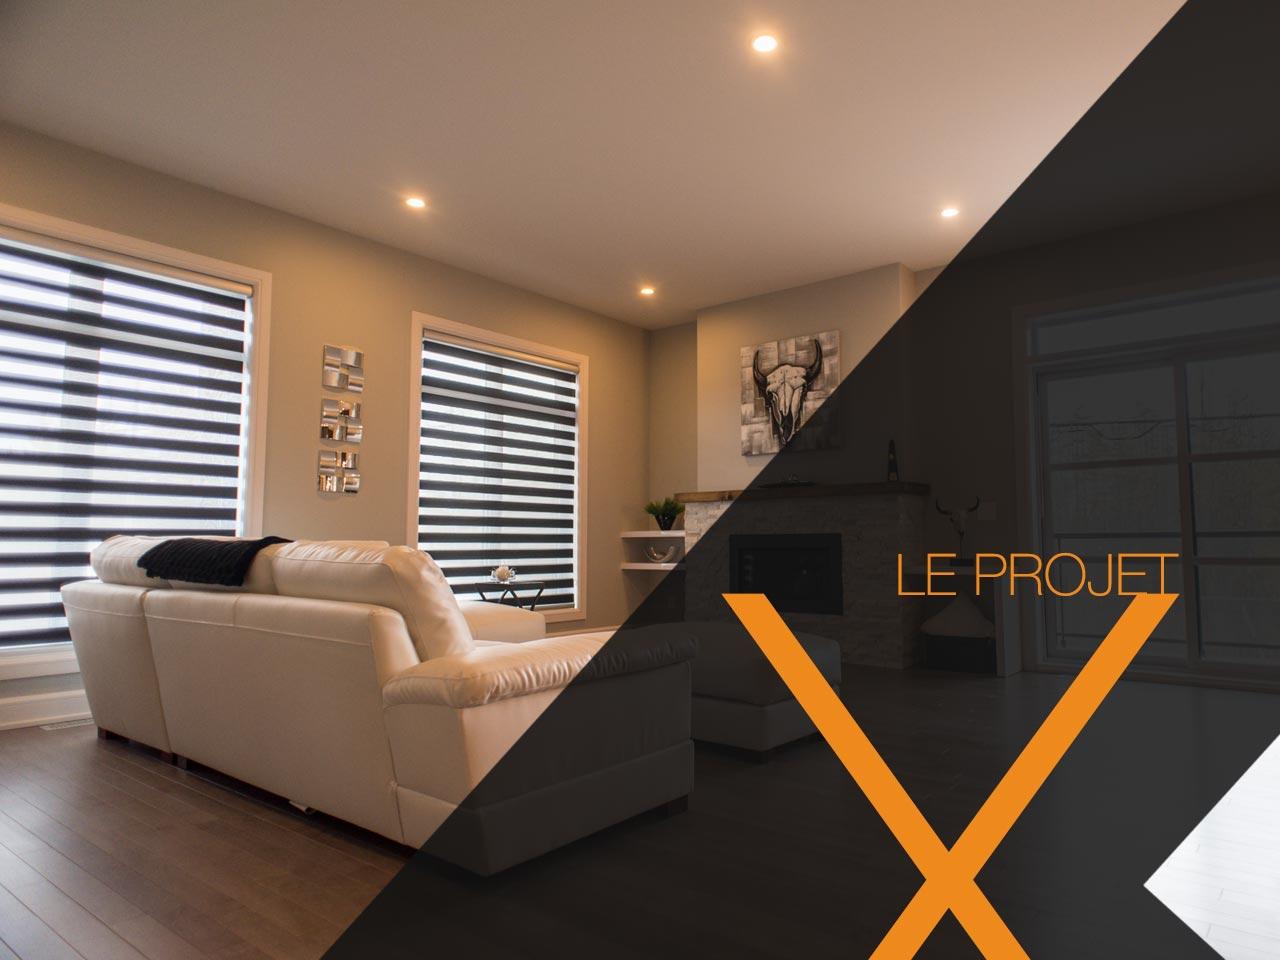 Condominiums X15 projet de condos neufs Mirabel 50 ans et plus